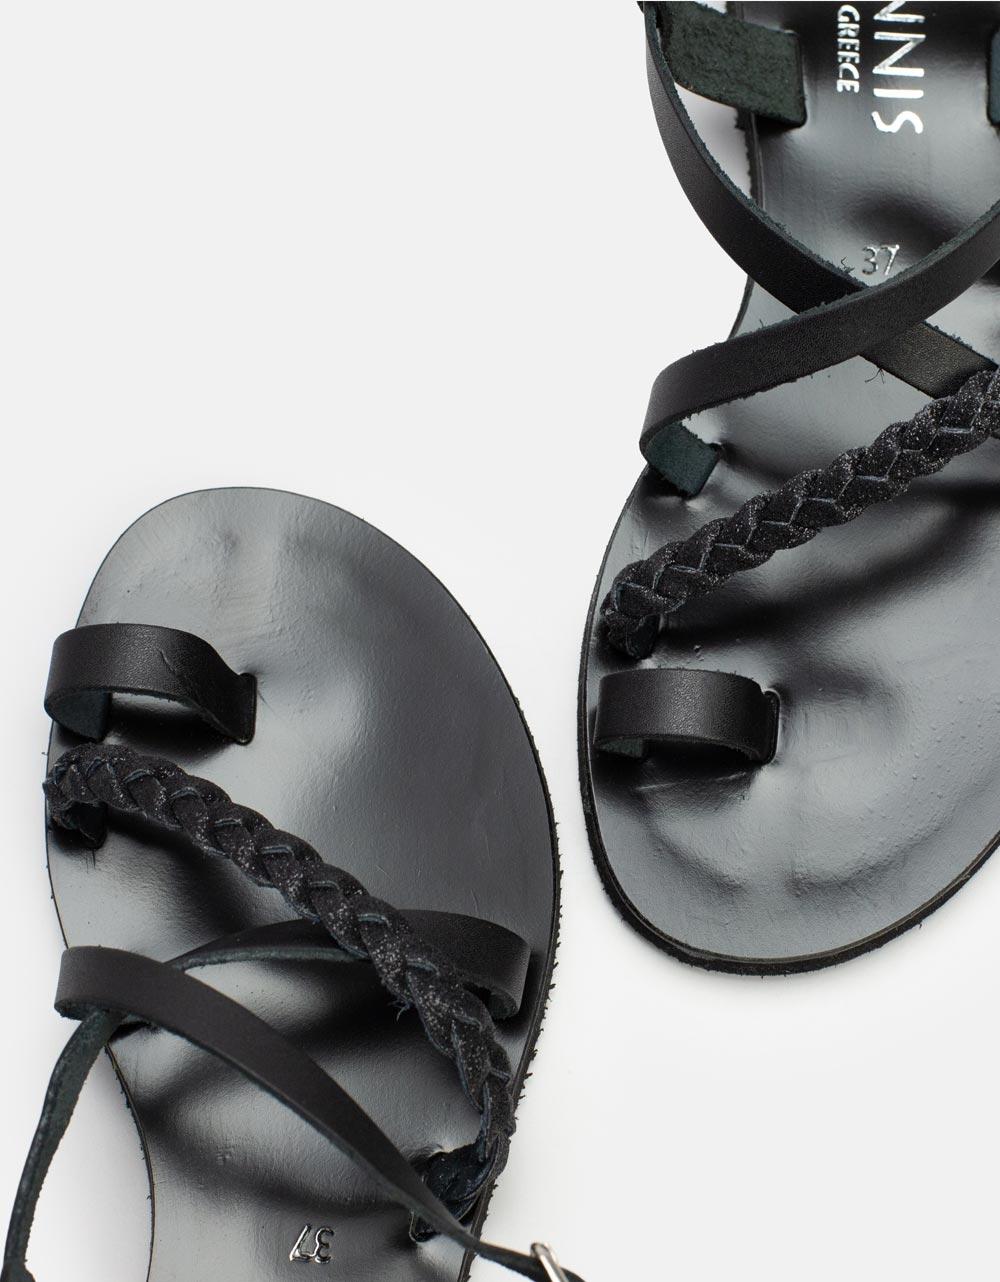 Εικόνα από Γυναικεία δερμάτινα σανδάλια με χιαστί λουριά και συνδυασμό υλικών Μαύρο